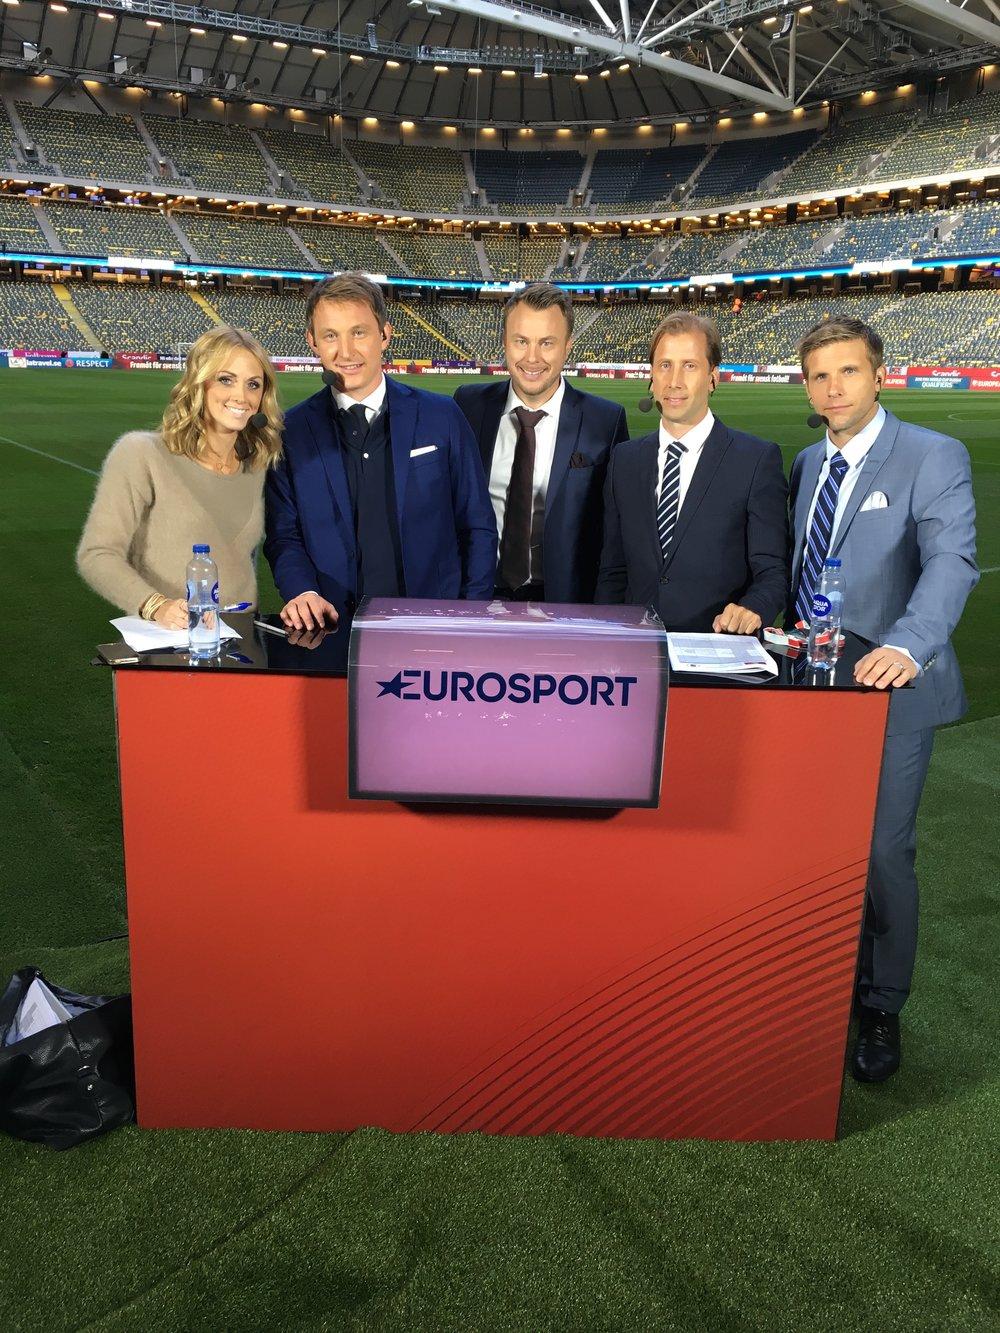 Det här gänget tar nya tag på lördag på Friends när Sverige möter Vitryssland i VM-kvalet